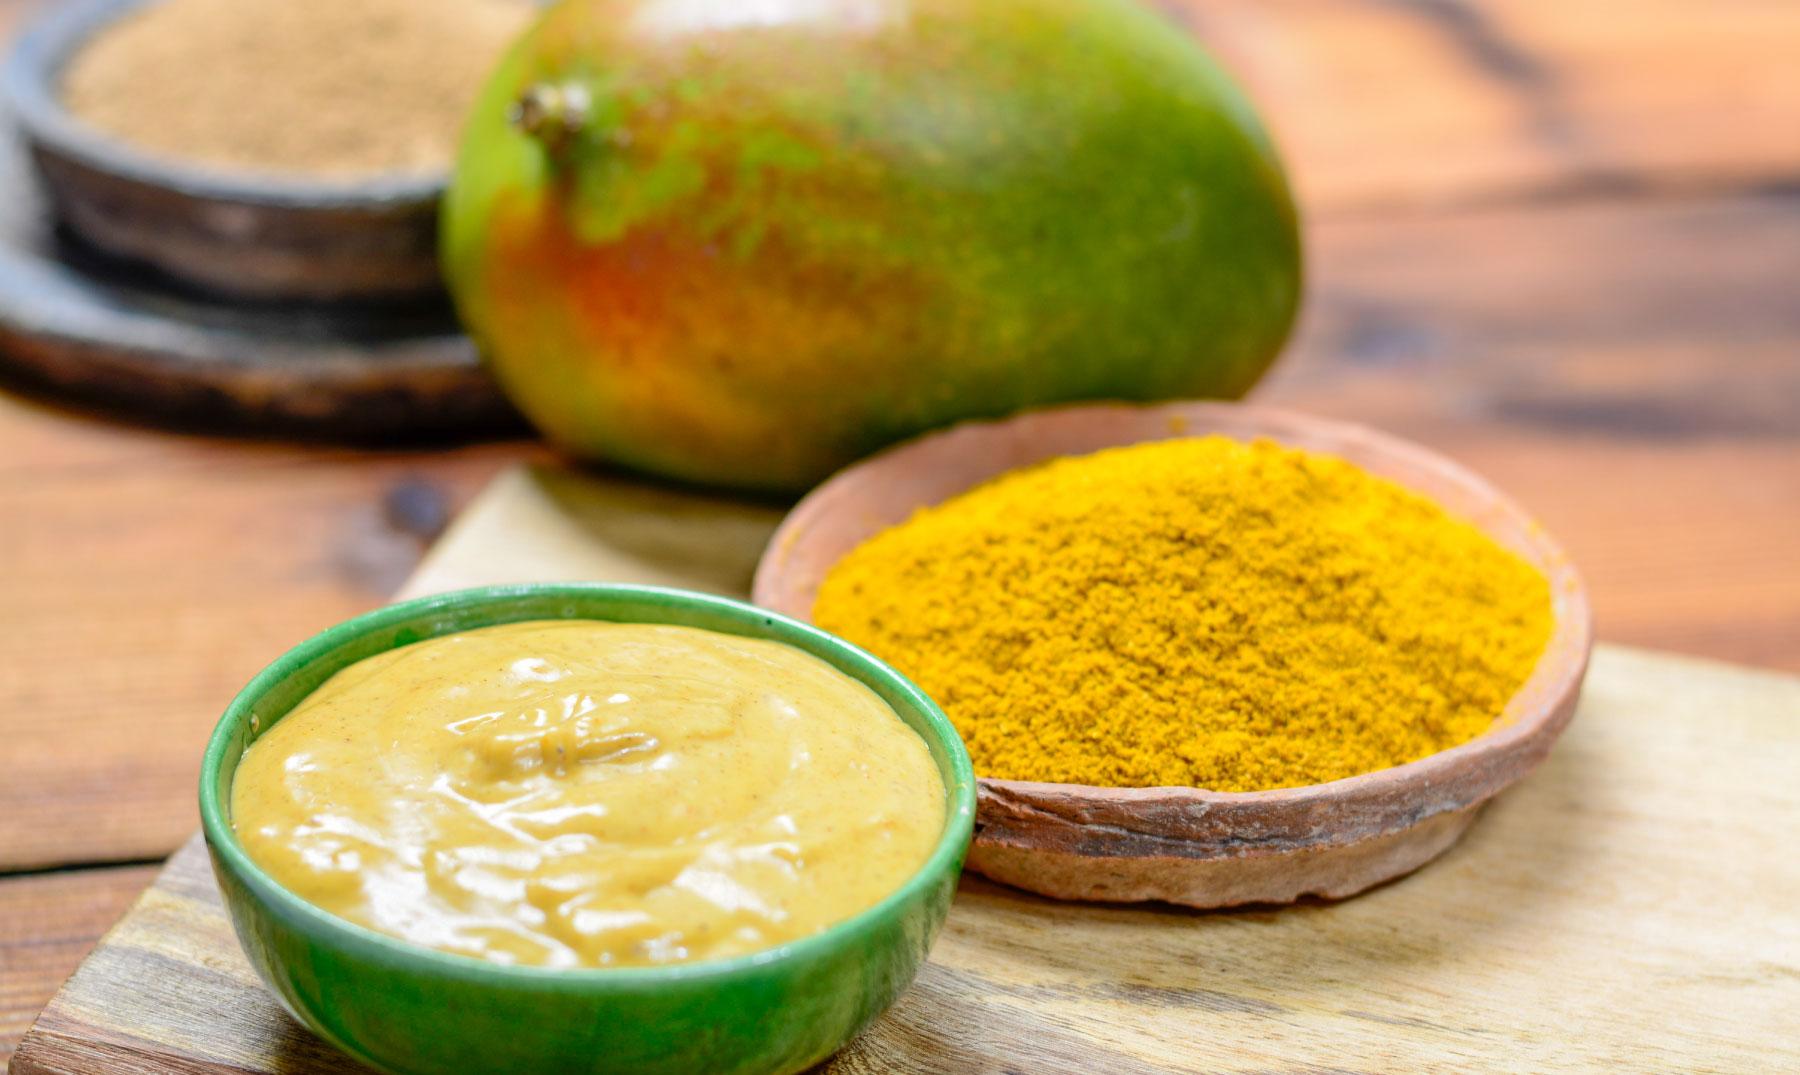 Beneficios para la salud de polvo de mango: cómo usar y preparar polvo de mango en casa